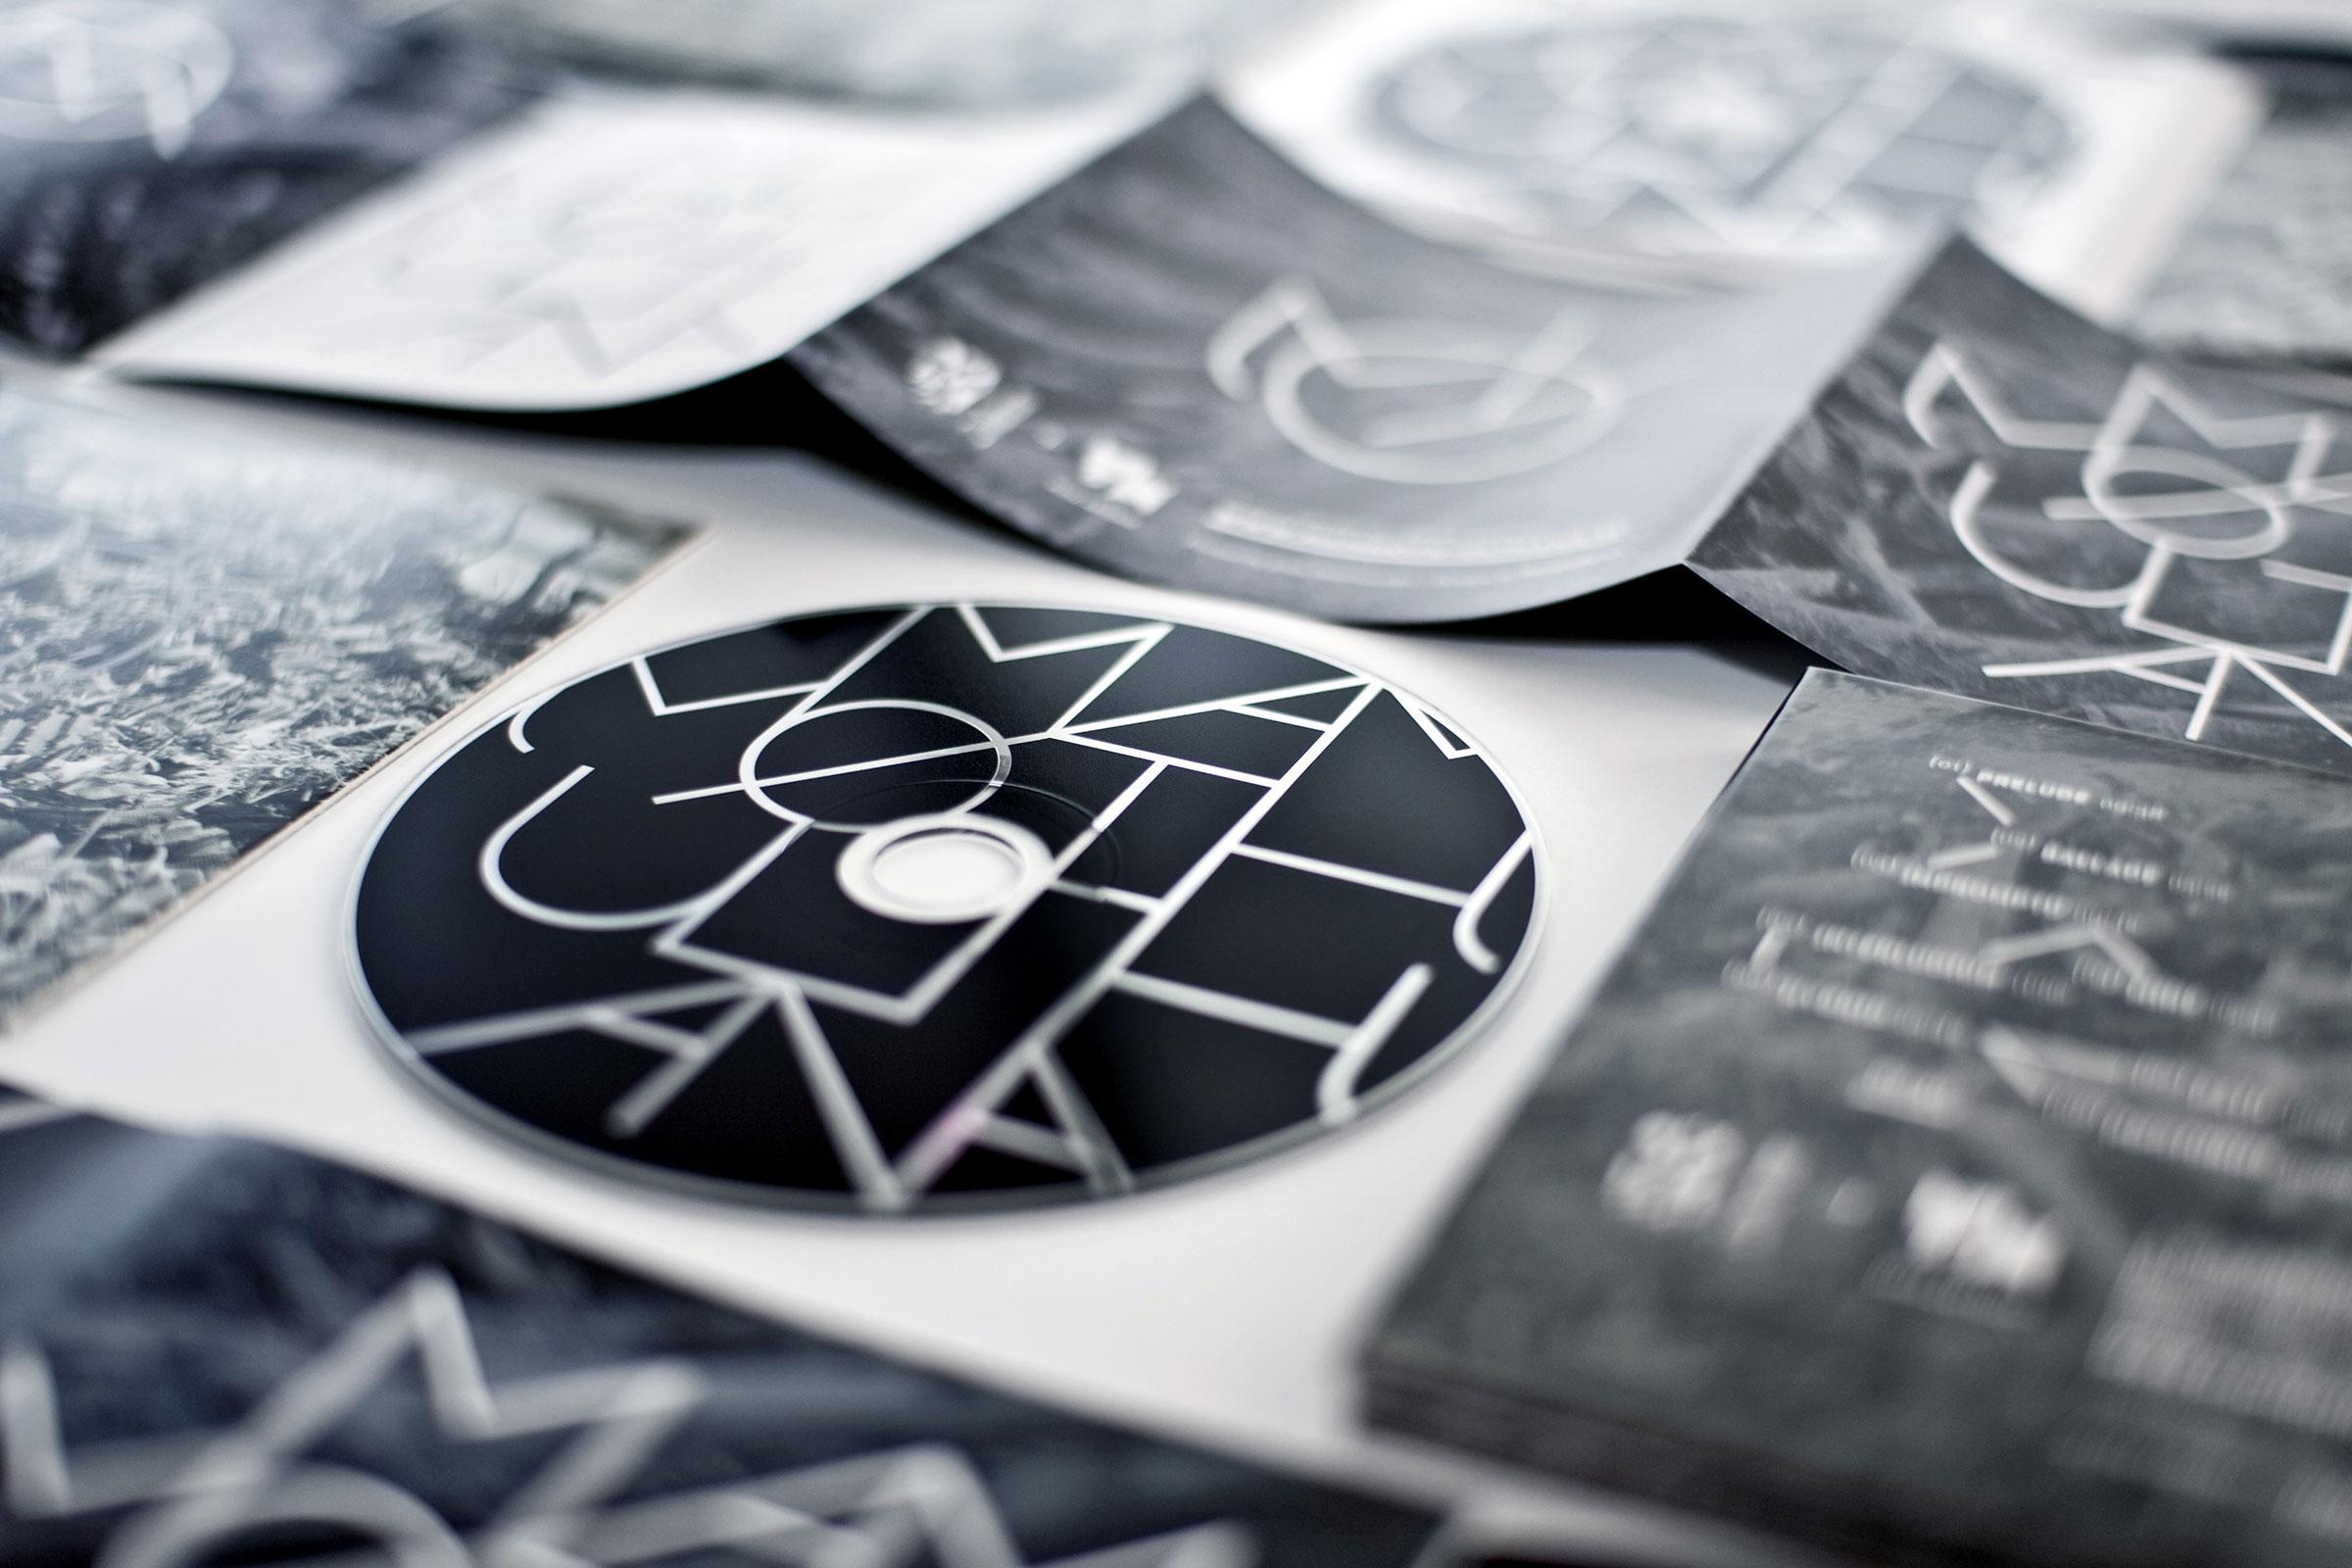 Jacek Doroszenko - Mammoth Ulthana CD album, detail 9